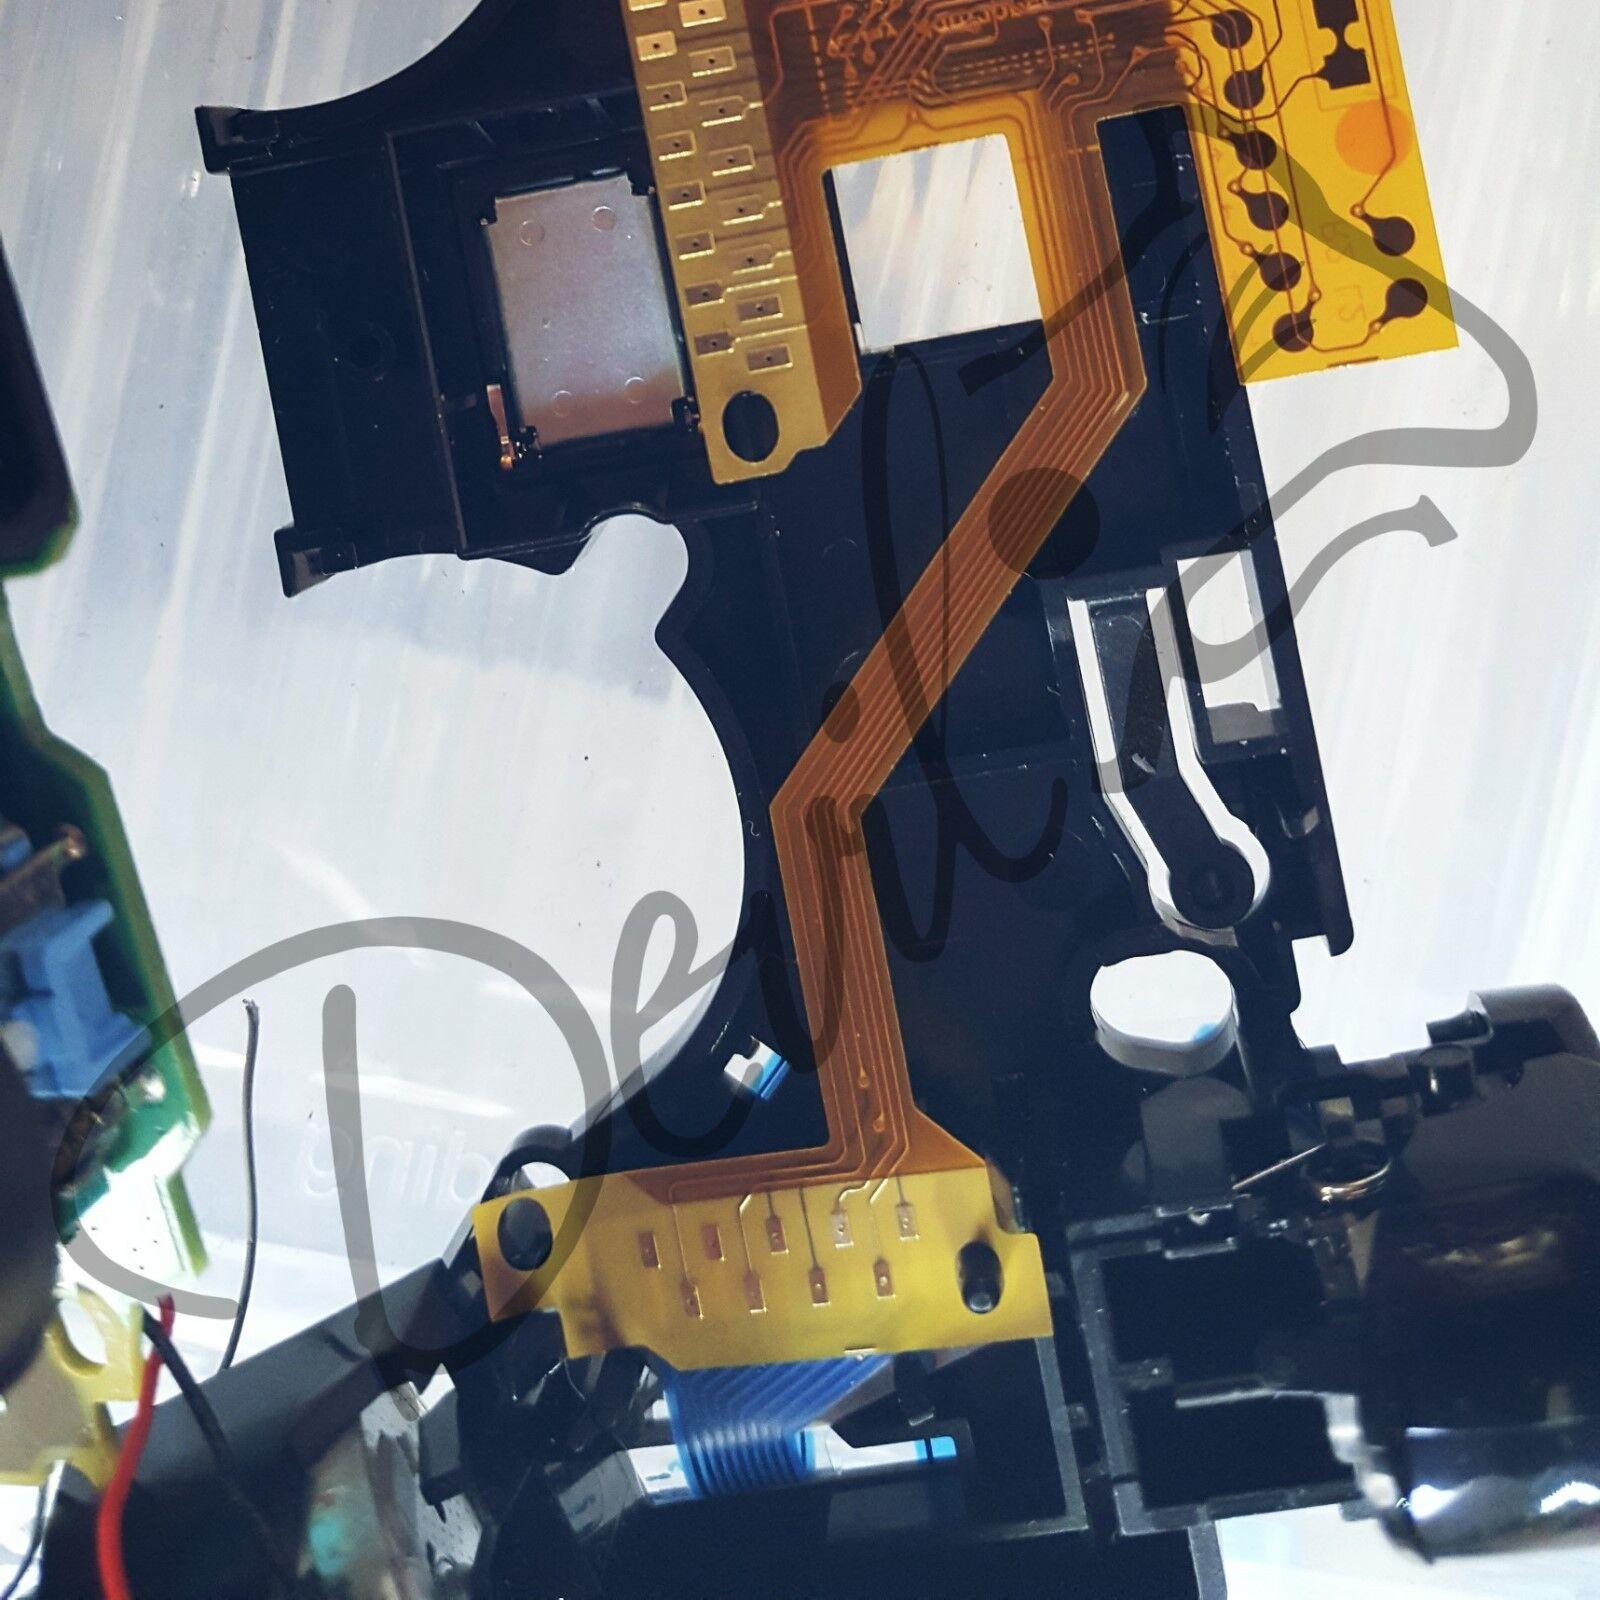 ps4 controller remapper v2 mod chip f r paddles umbau. Black Bedroom Furniture Sets. Home Design Ideas